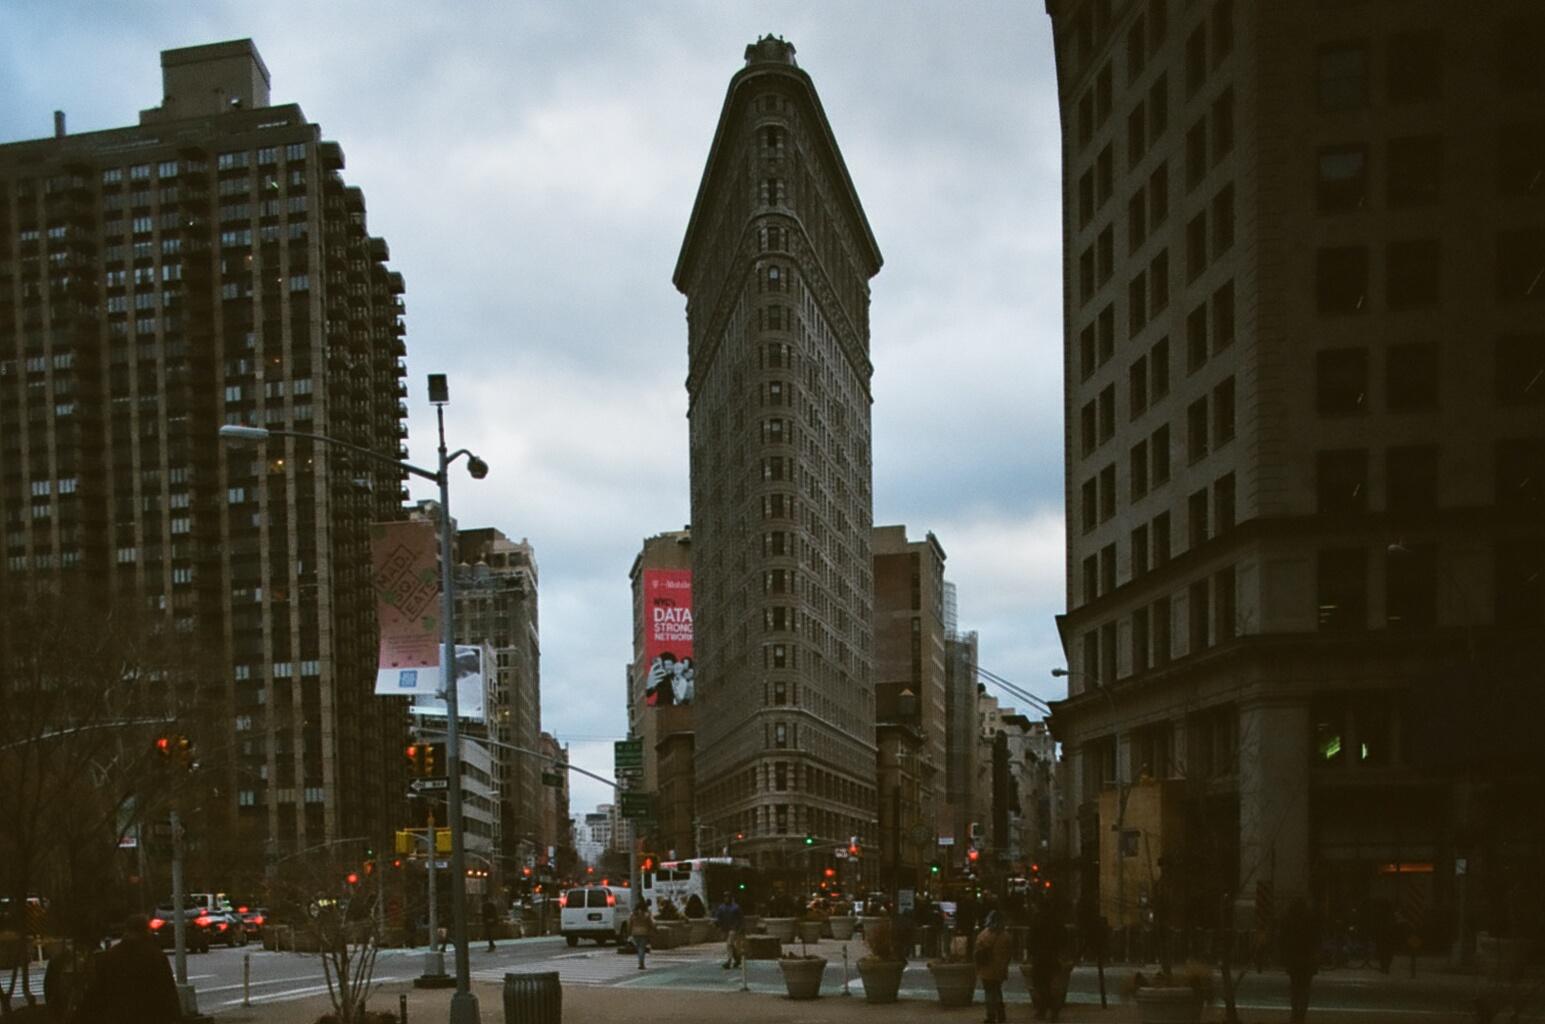 Going Analog, Full 35mm Photography Kit, flatiron district